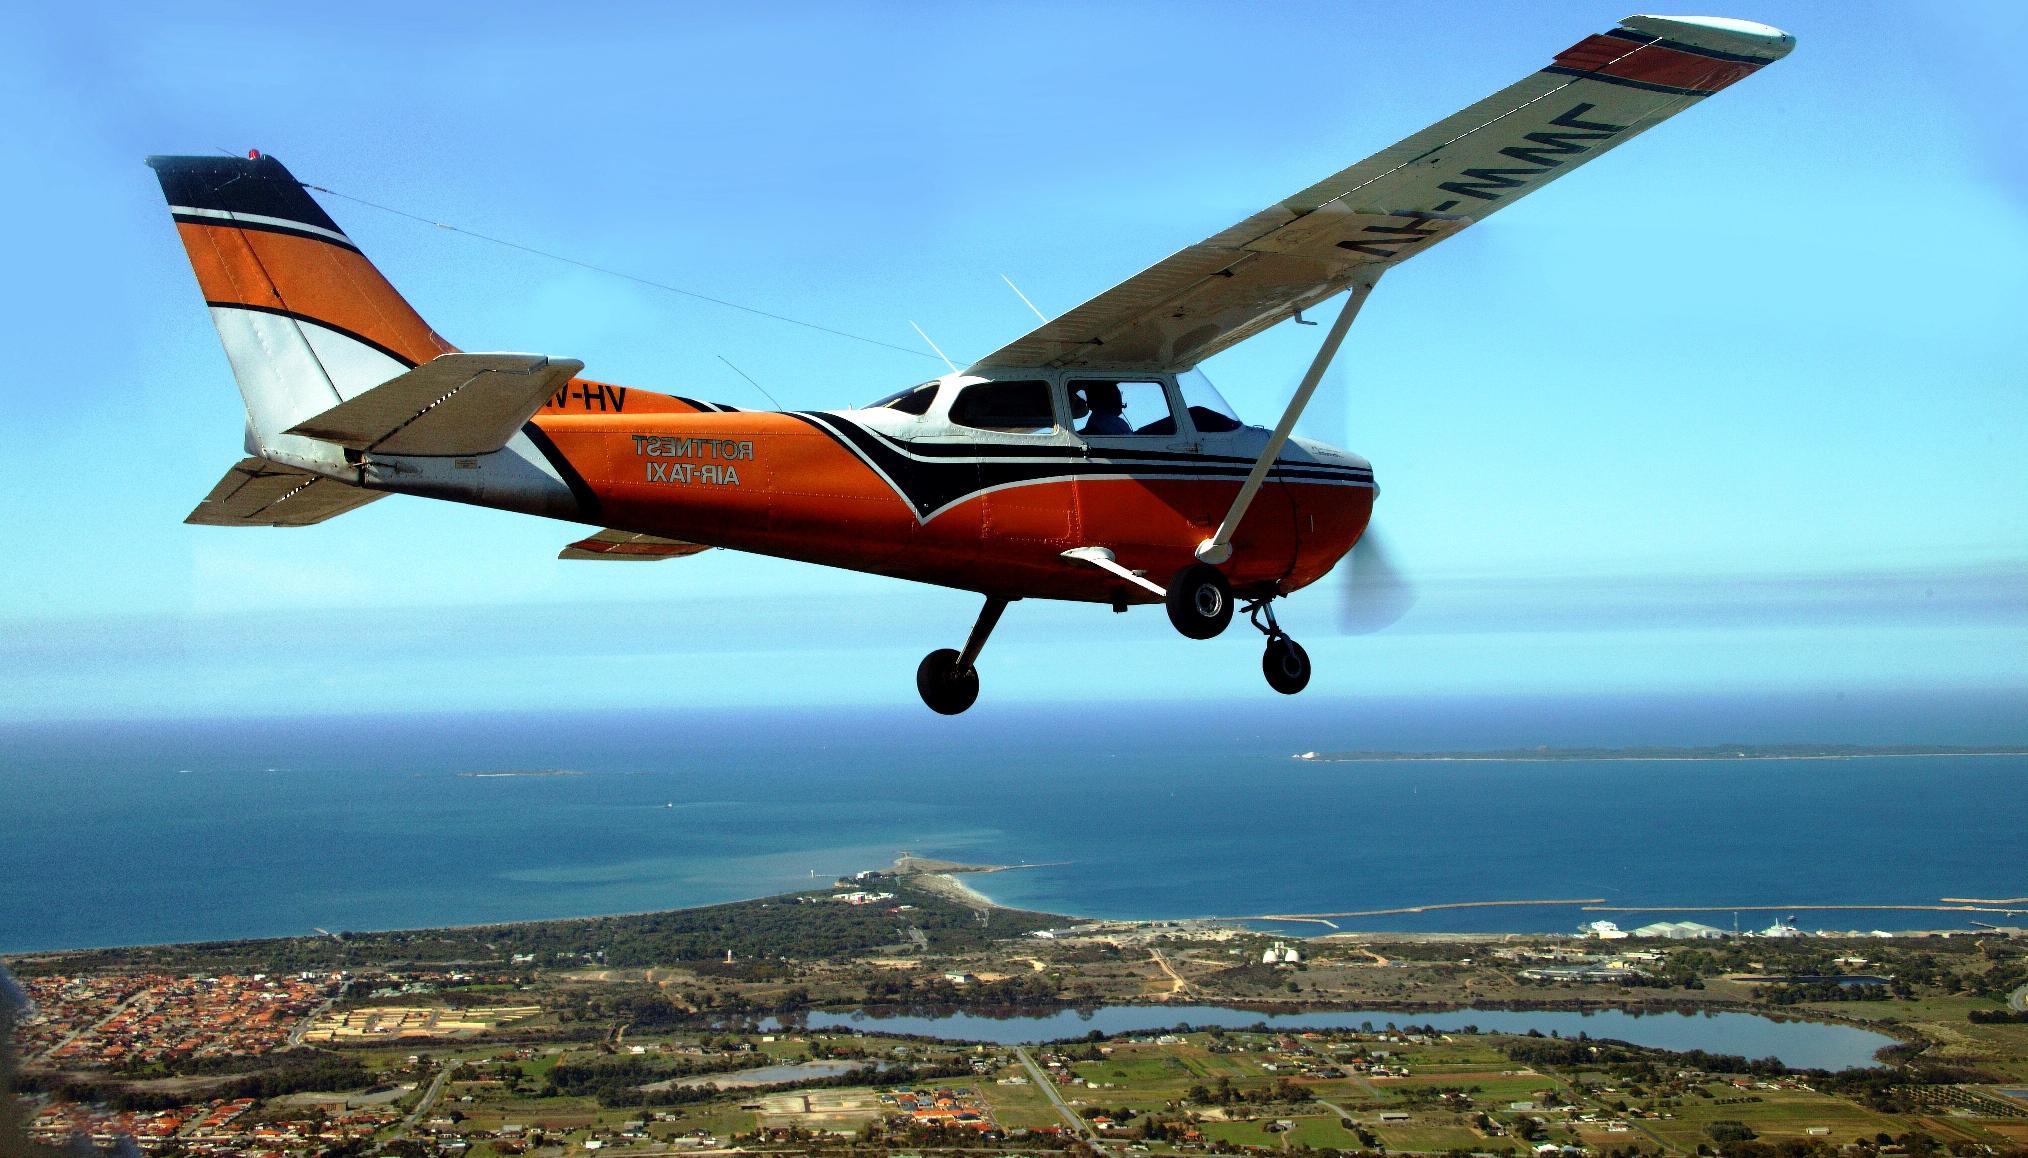 Air-Taxi Seaplane